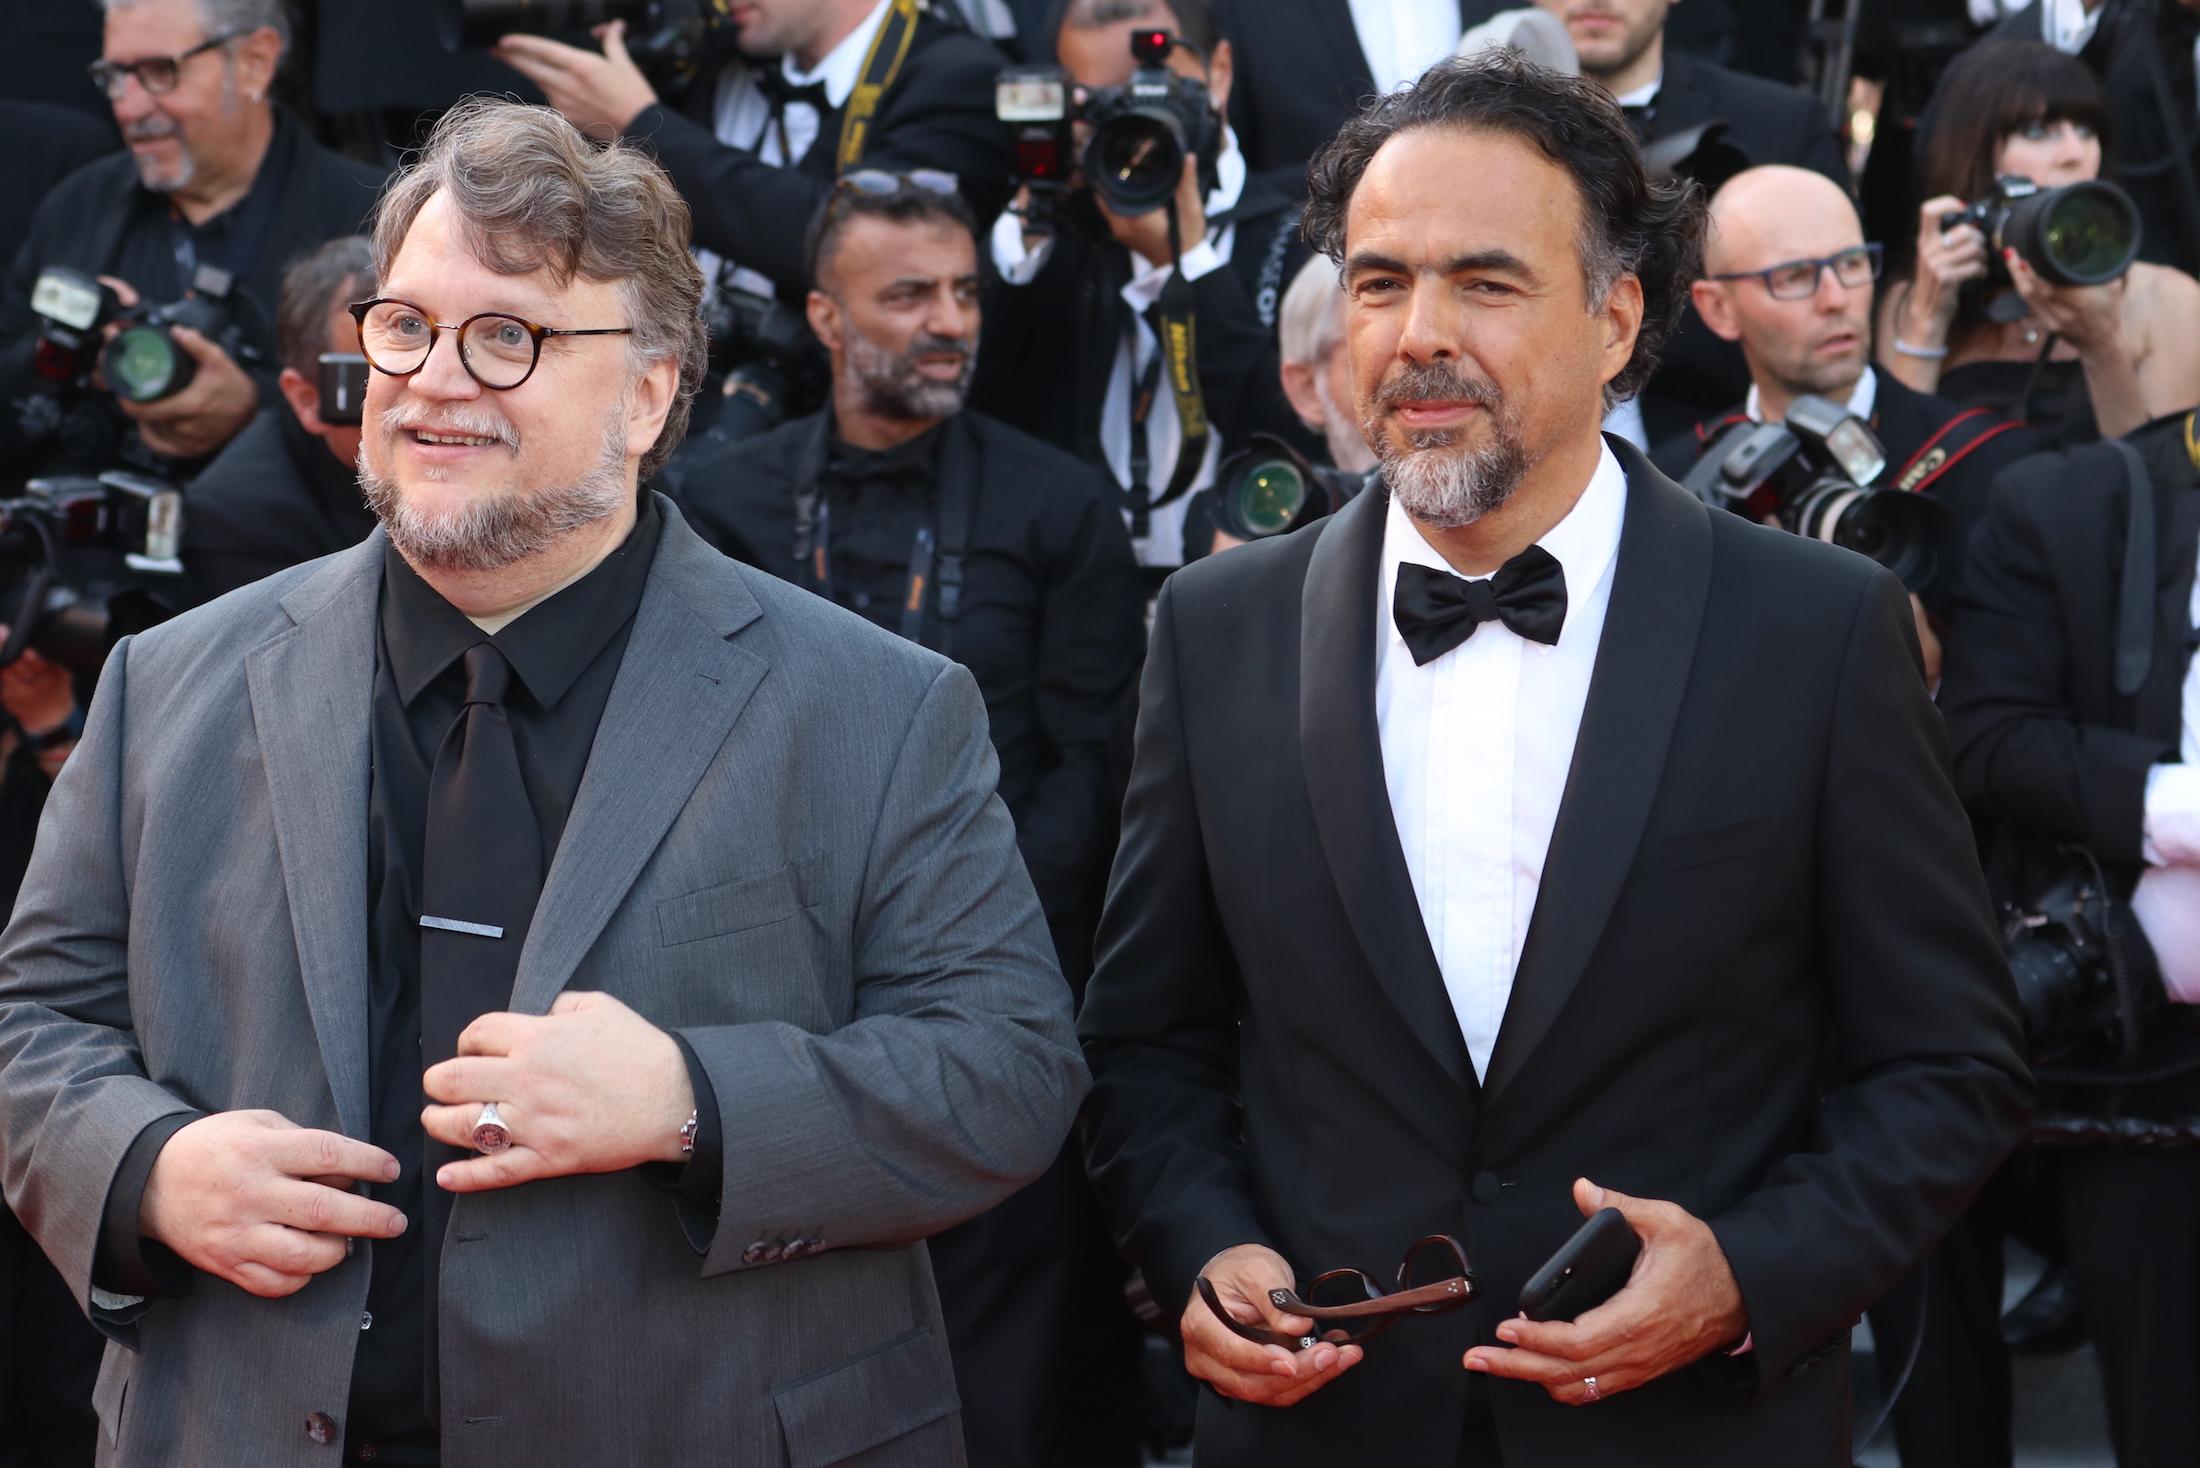 Cannes 2017: Alejandro González Iñárritu e Guillermo Del Toro sul red carpet per il settantesimo anno della manifestazione